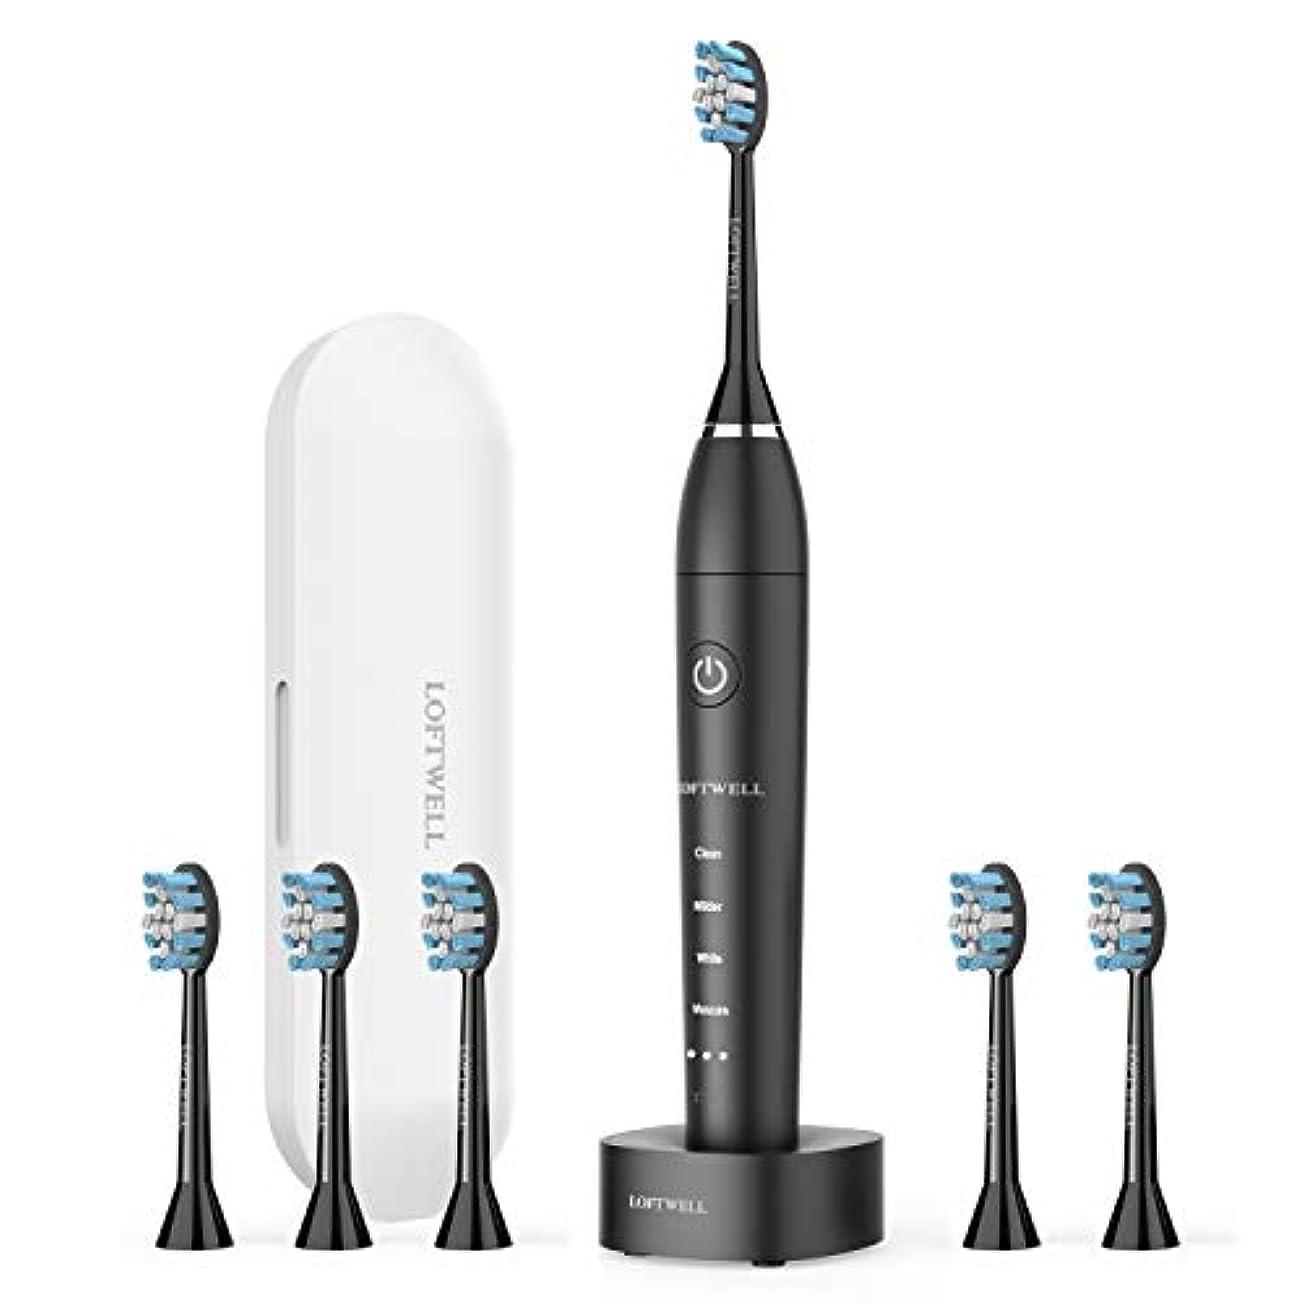 夜明け学者バースト電動歯ブラシ USB充電式 LOFTWELL 音波歯ブラシ 4モード 超音波 歯ブラシ 2分間オートタイマー機能搭載 フル充電20日使え IPX7防水 替えブラシ6本付き (D5-電動歯ブラシ)